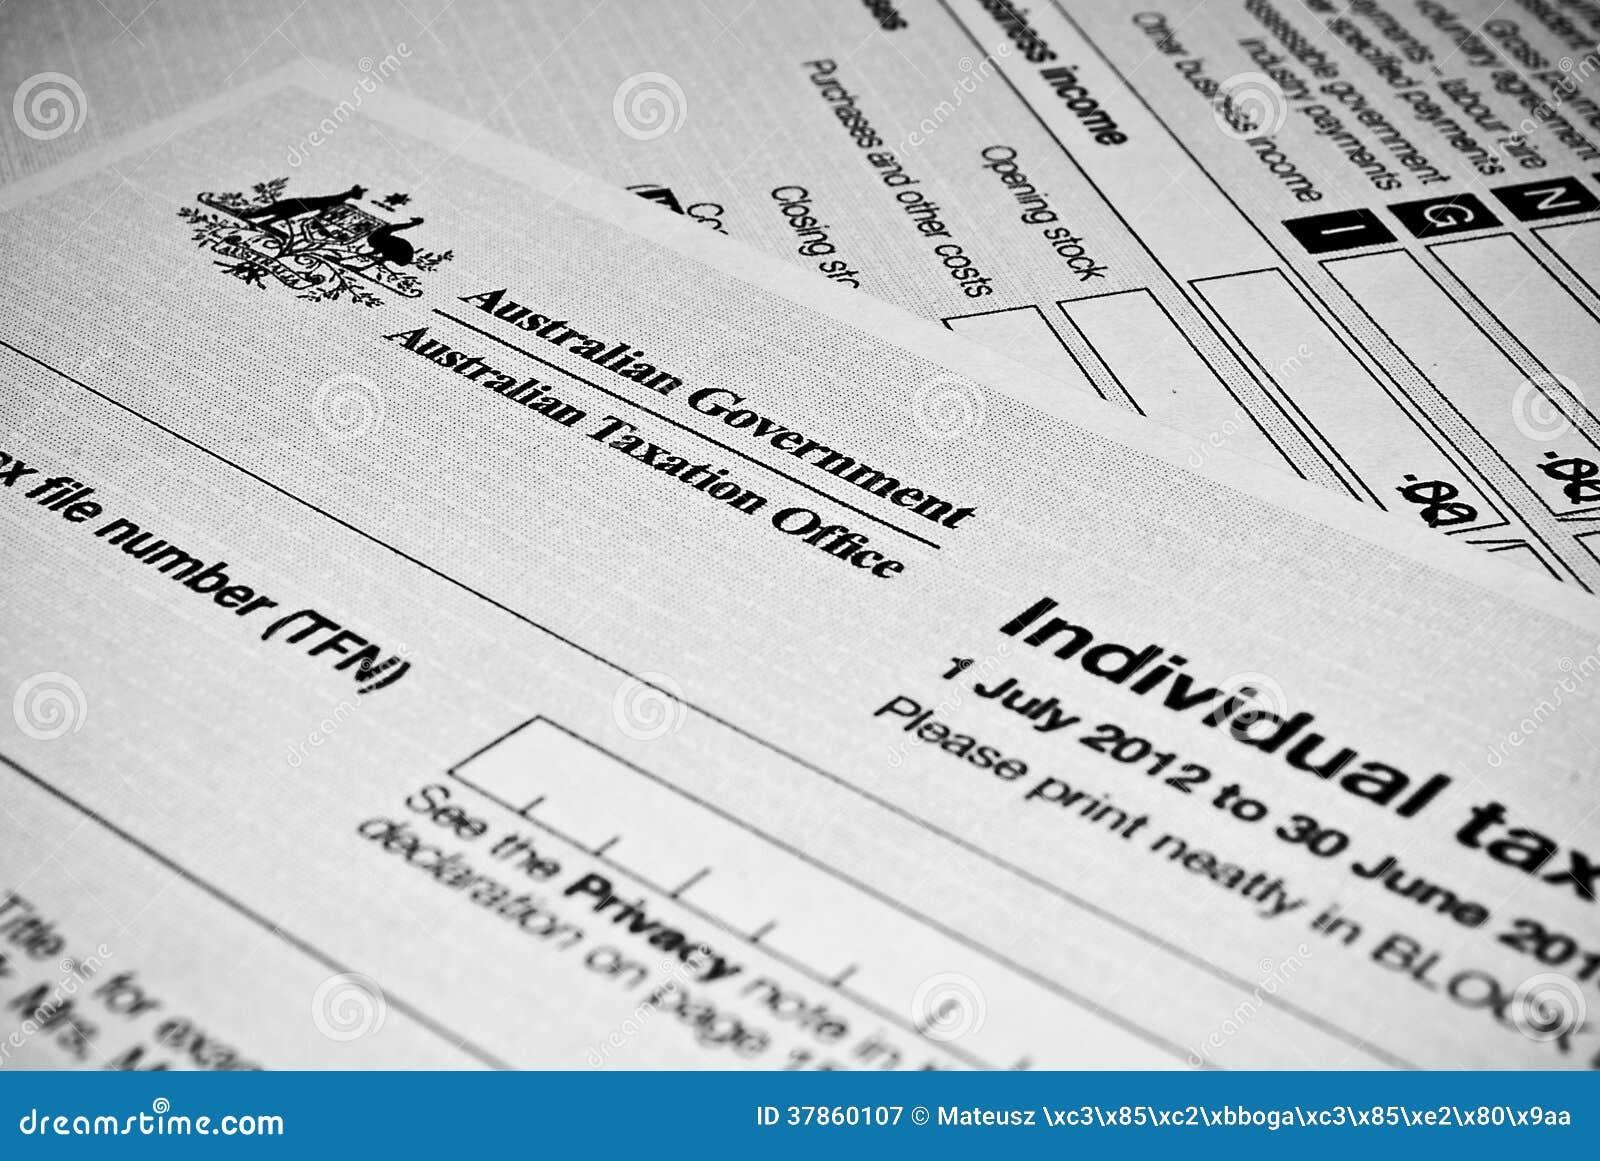 tax filenumber application form qld